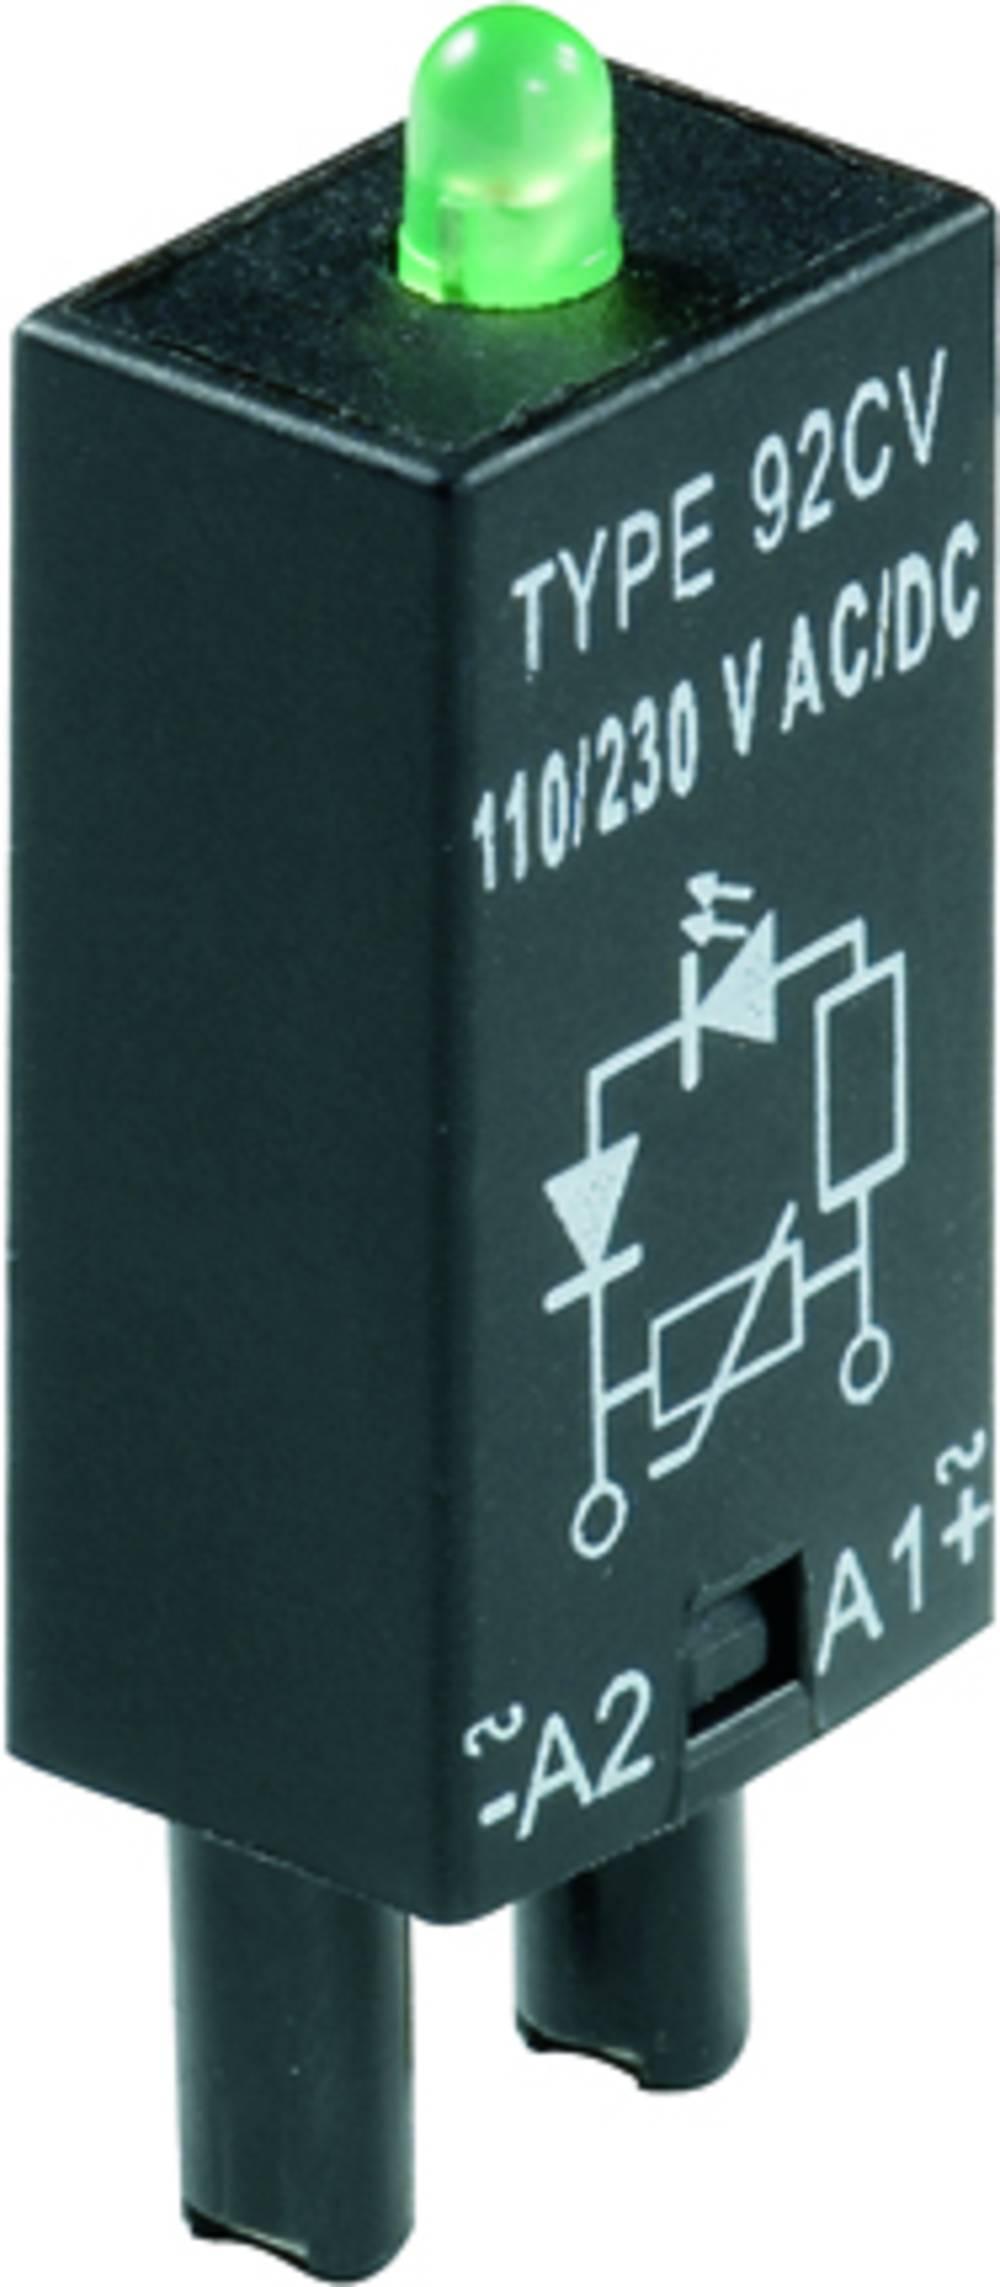 Indstiksmodul med LED 10 stk Weidmüller RIM 3 6 / 24VUC GN Lysfarve: Grøn Passer til serie: Weidmüller serie RIDERSERIES RCL